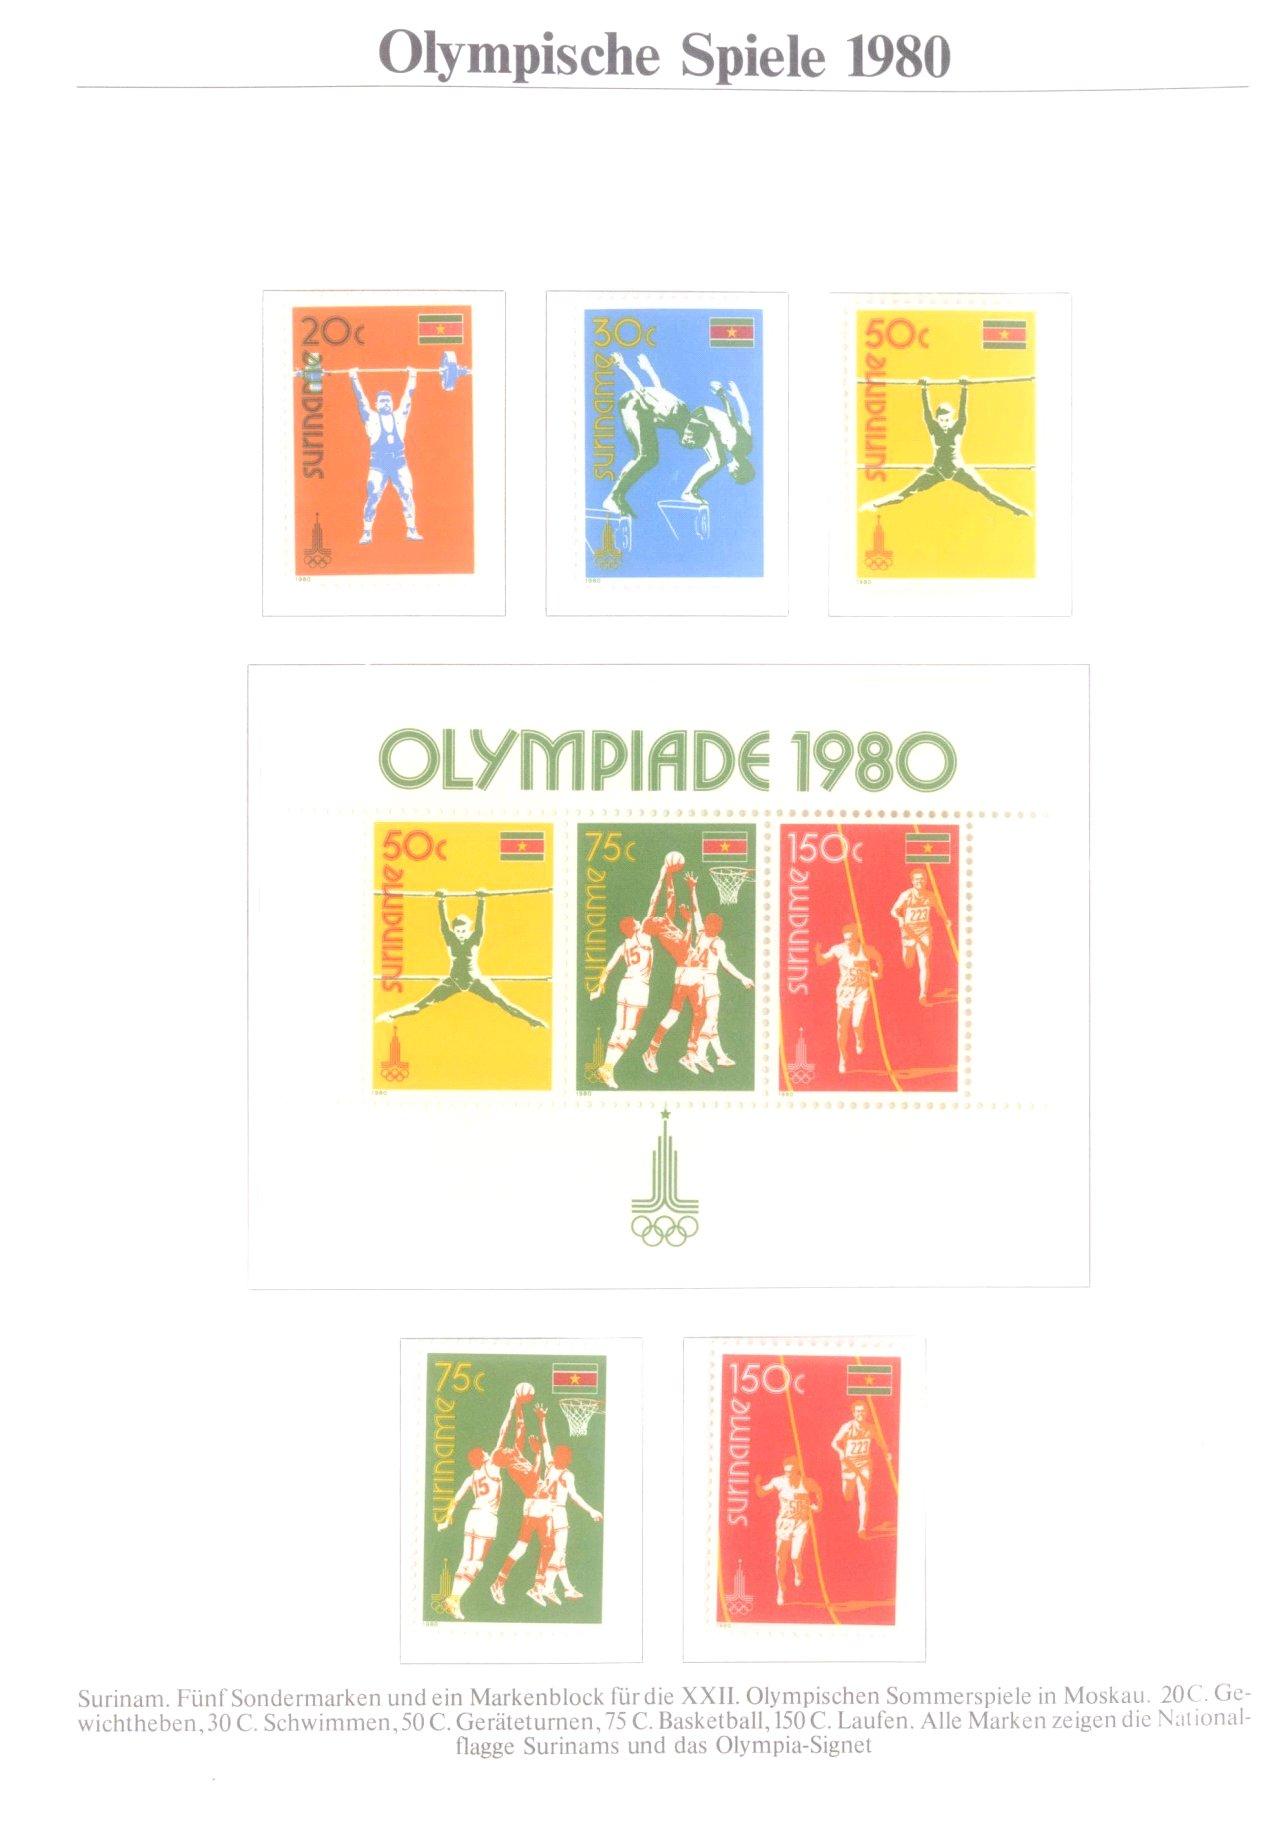 3 Alben Olympische Spiele 1980 in Moskau / Lake Placid-9